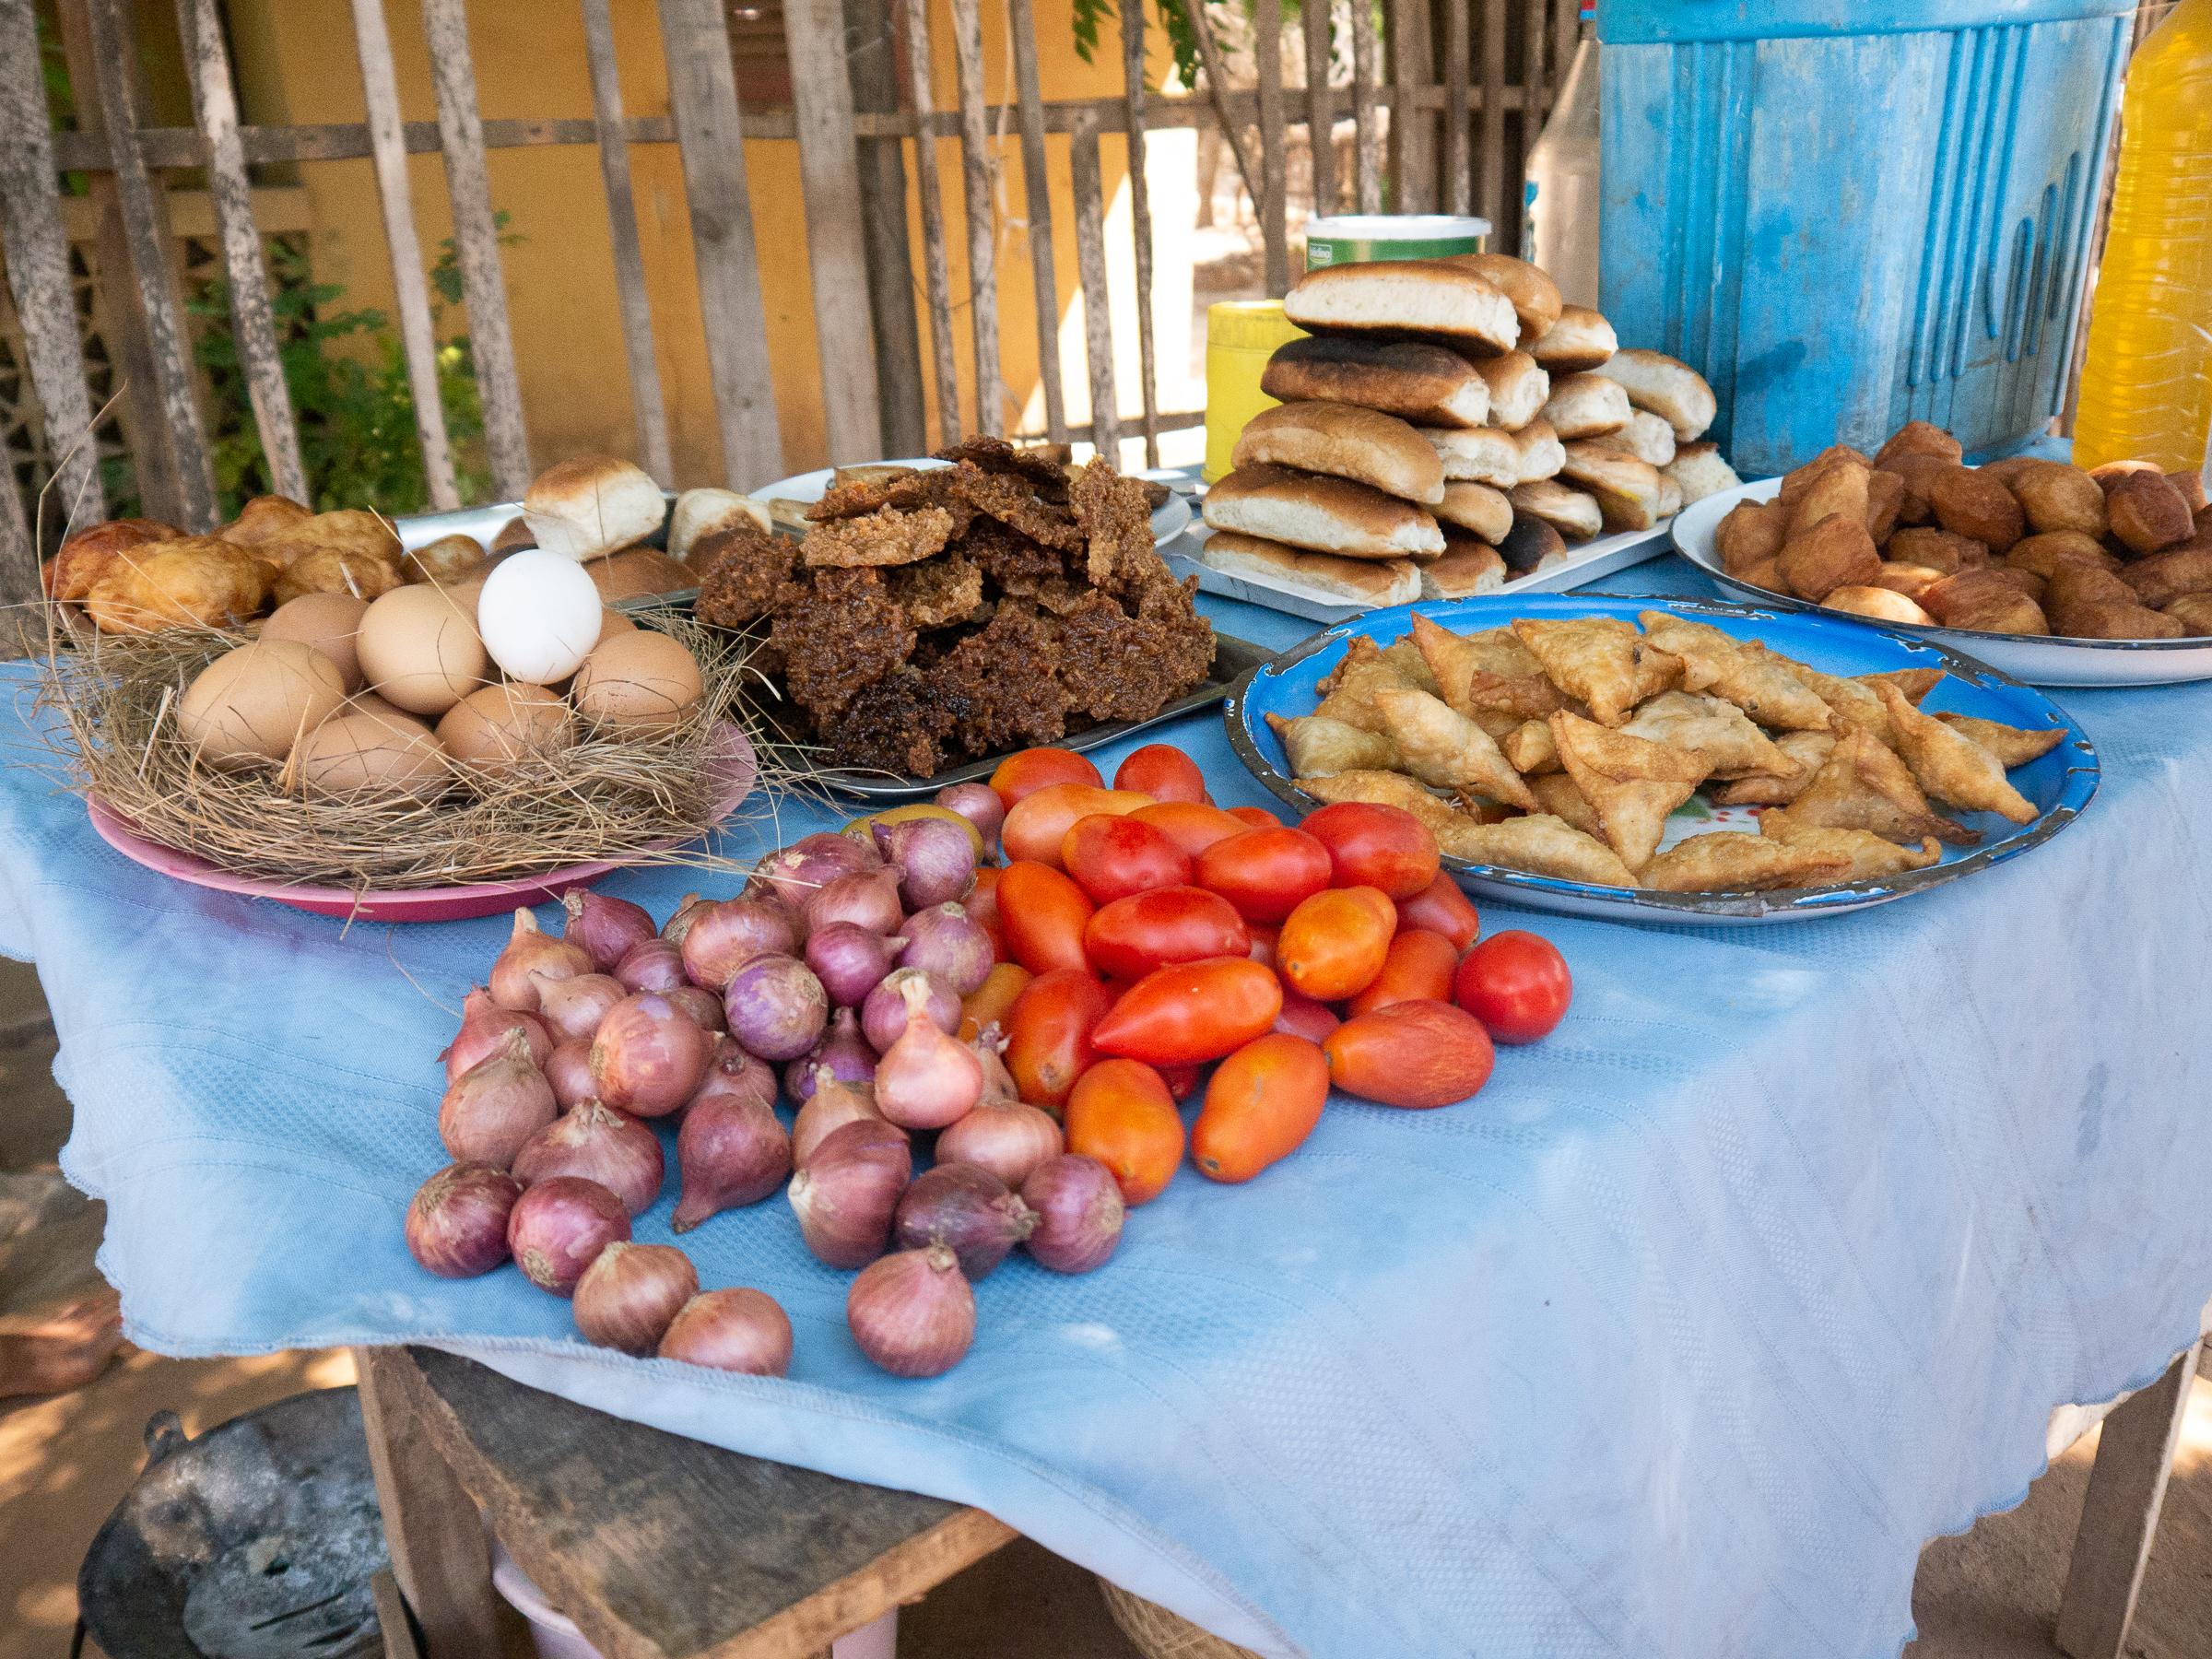 Street food in Madagascar